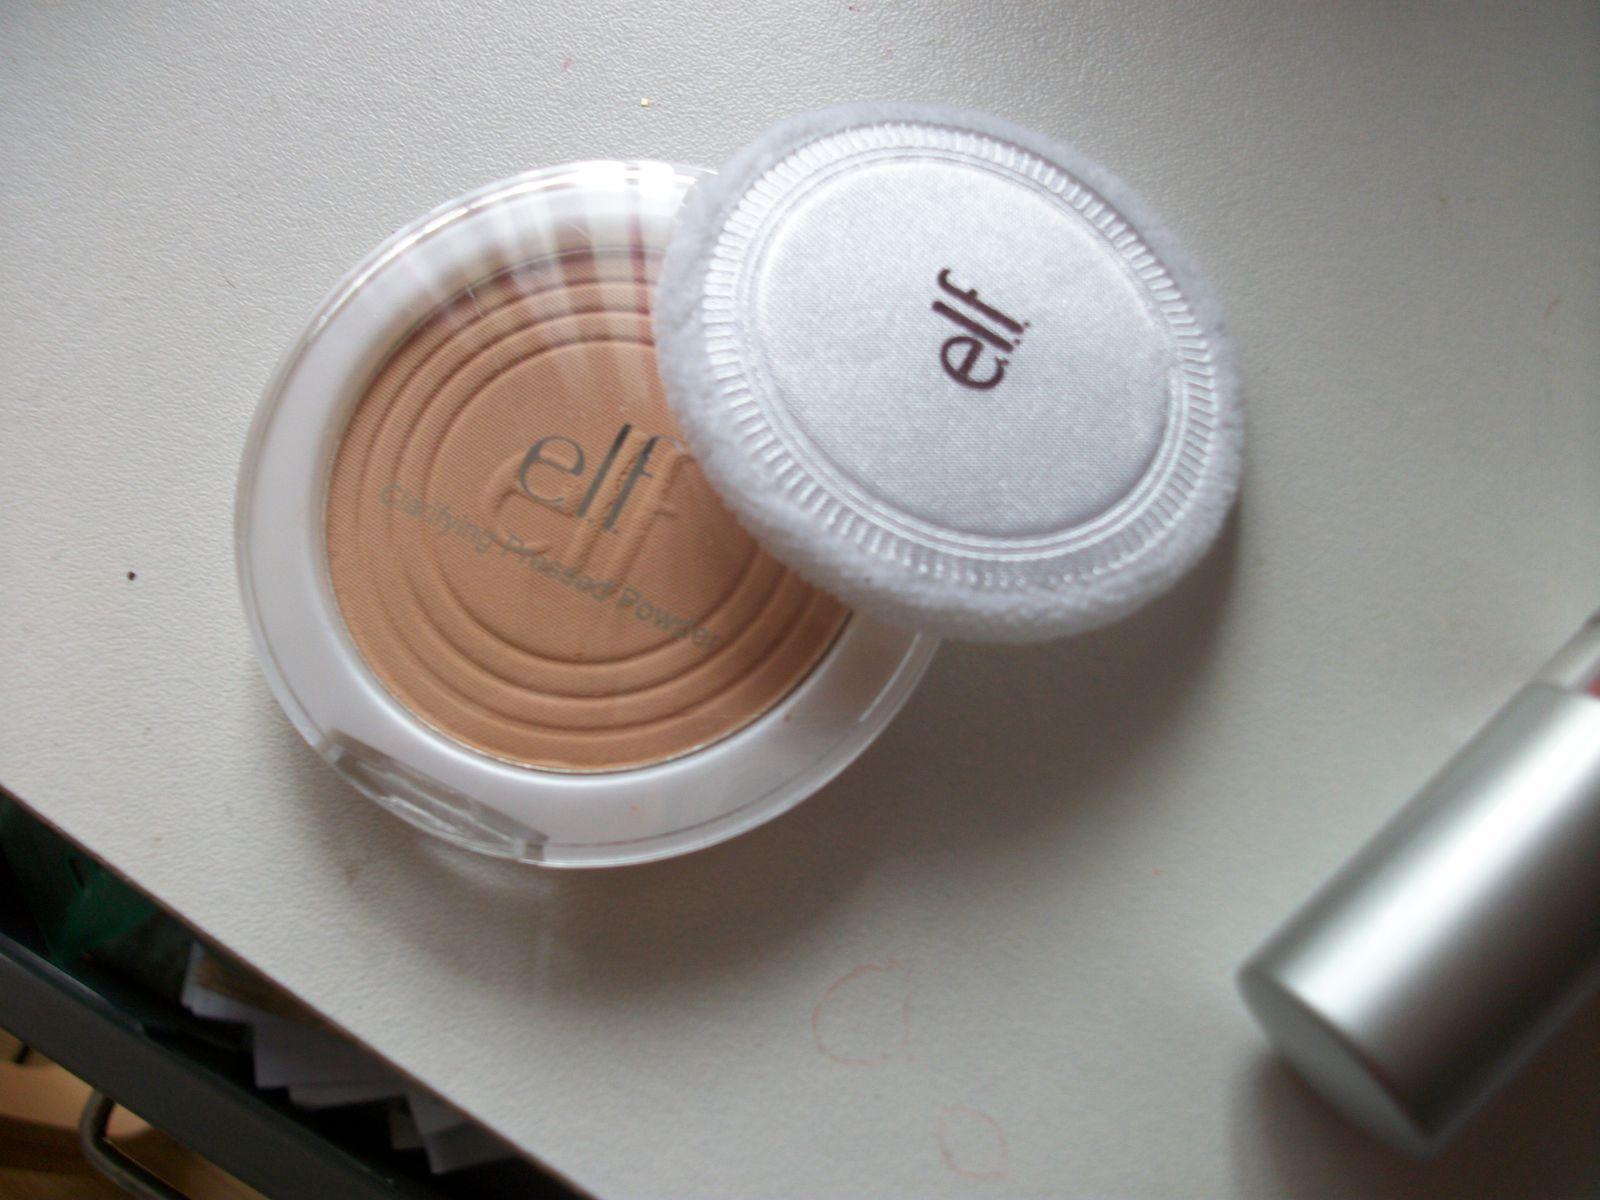 Une poudre beige rosée... En plus de tout ça, j'ai pris deux pinceaux pour ombre à paupières et visage...